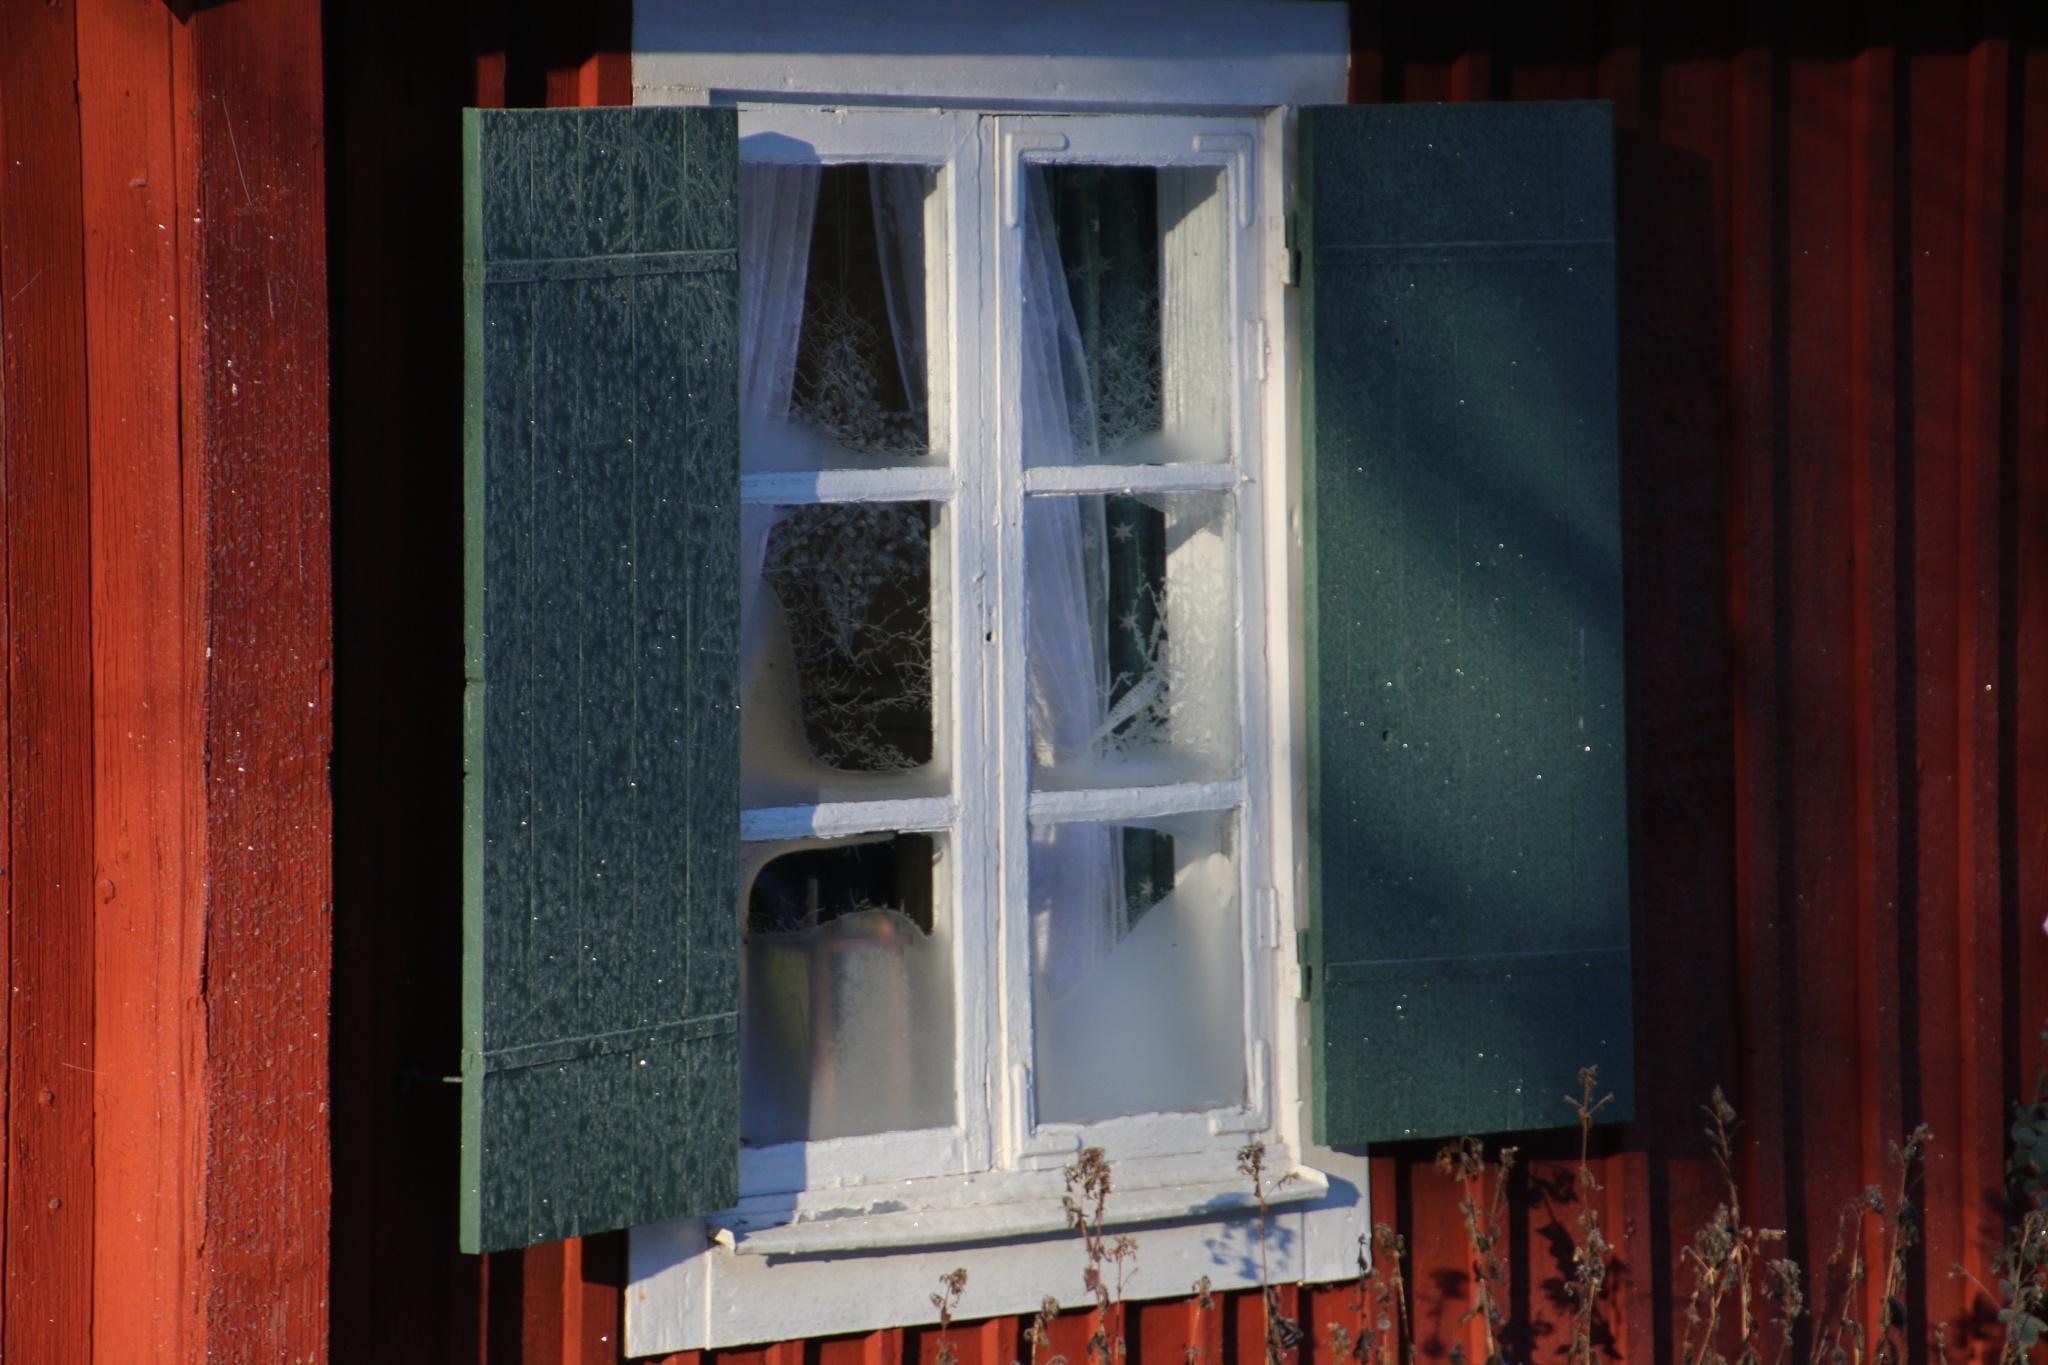 Cold cottage by Mikael Ekström